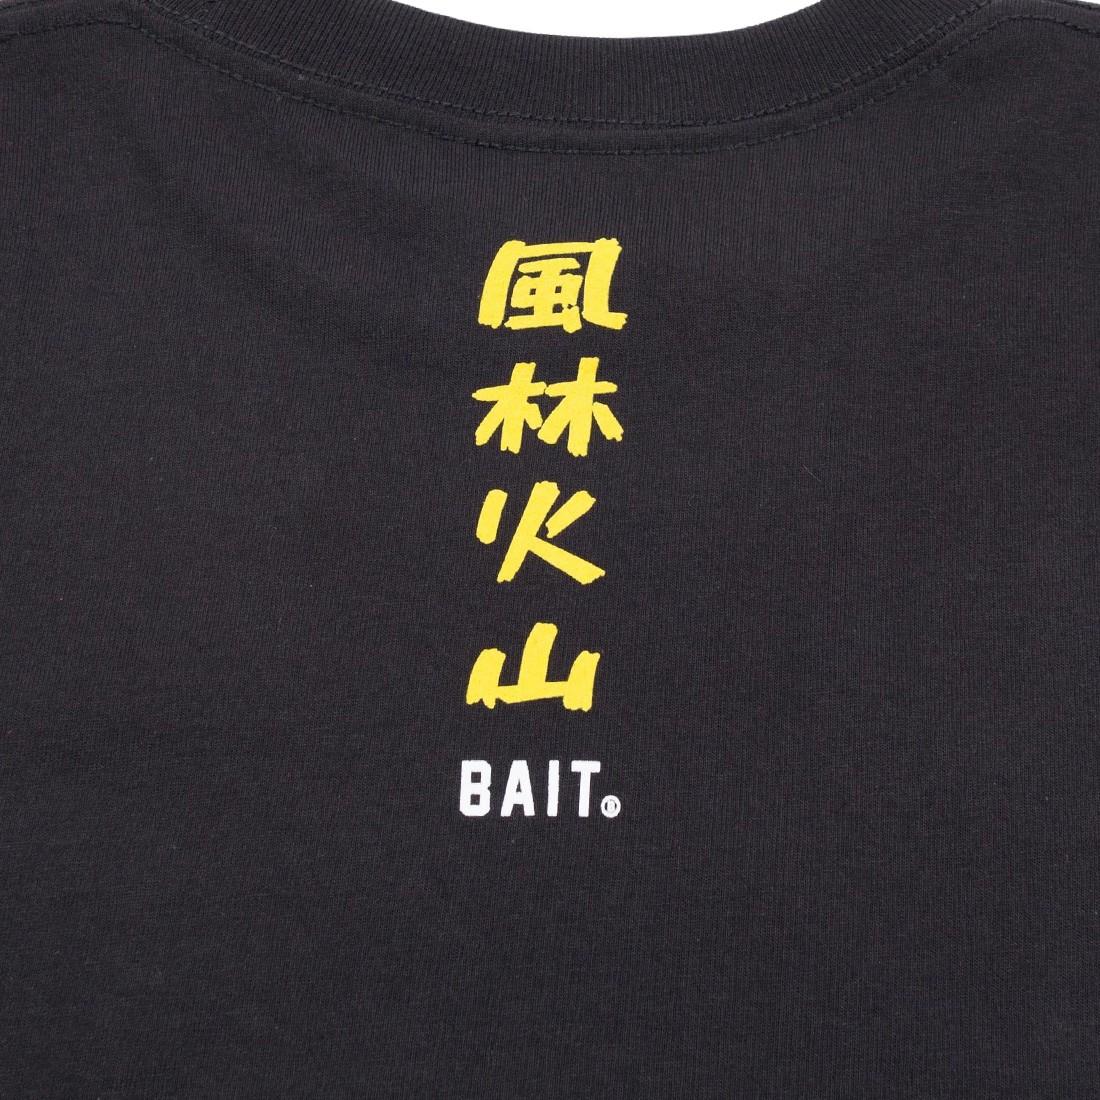 BAIT STREETFIGHTERxKIDOKYO RYU LS - 197-STF-TEE-002